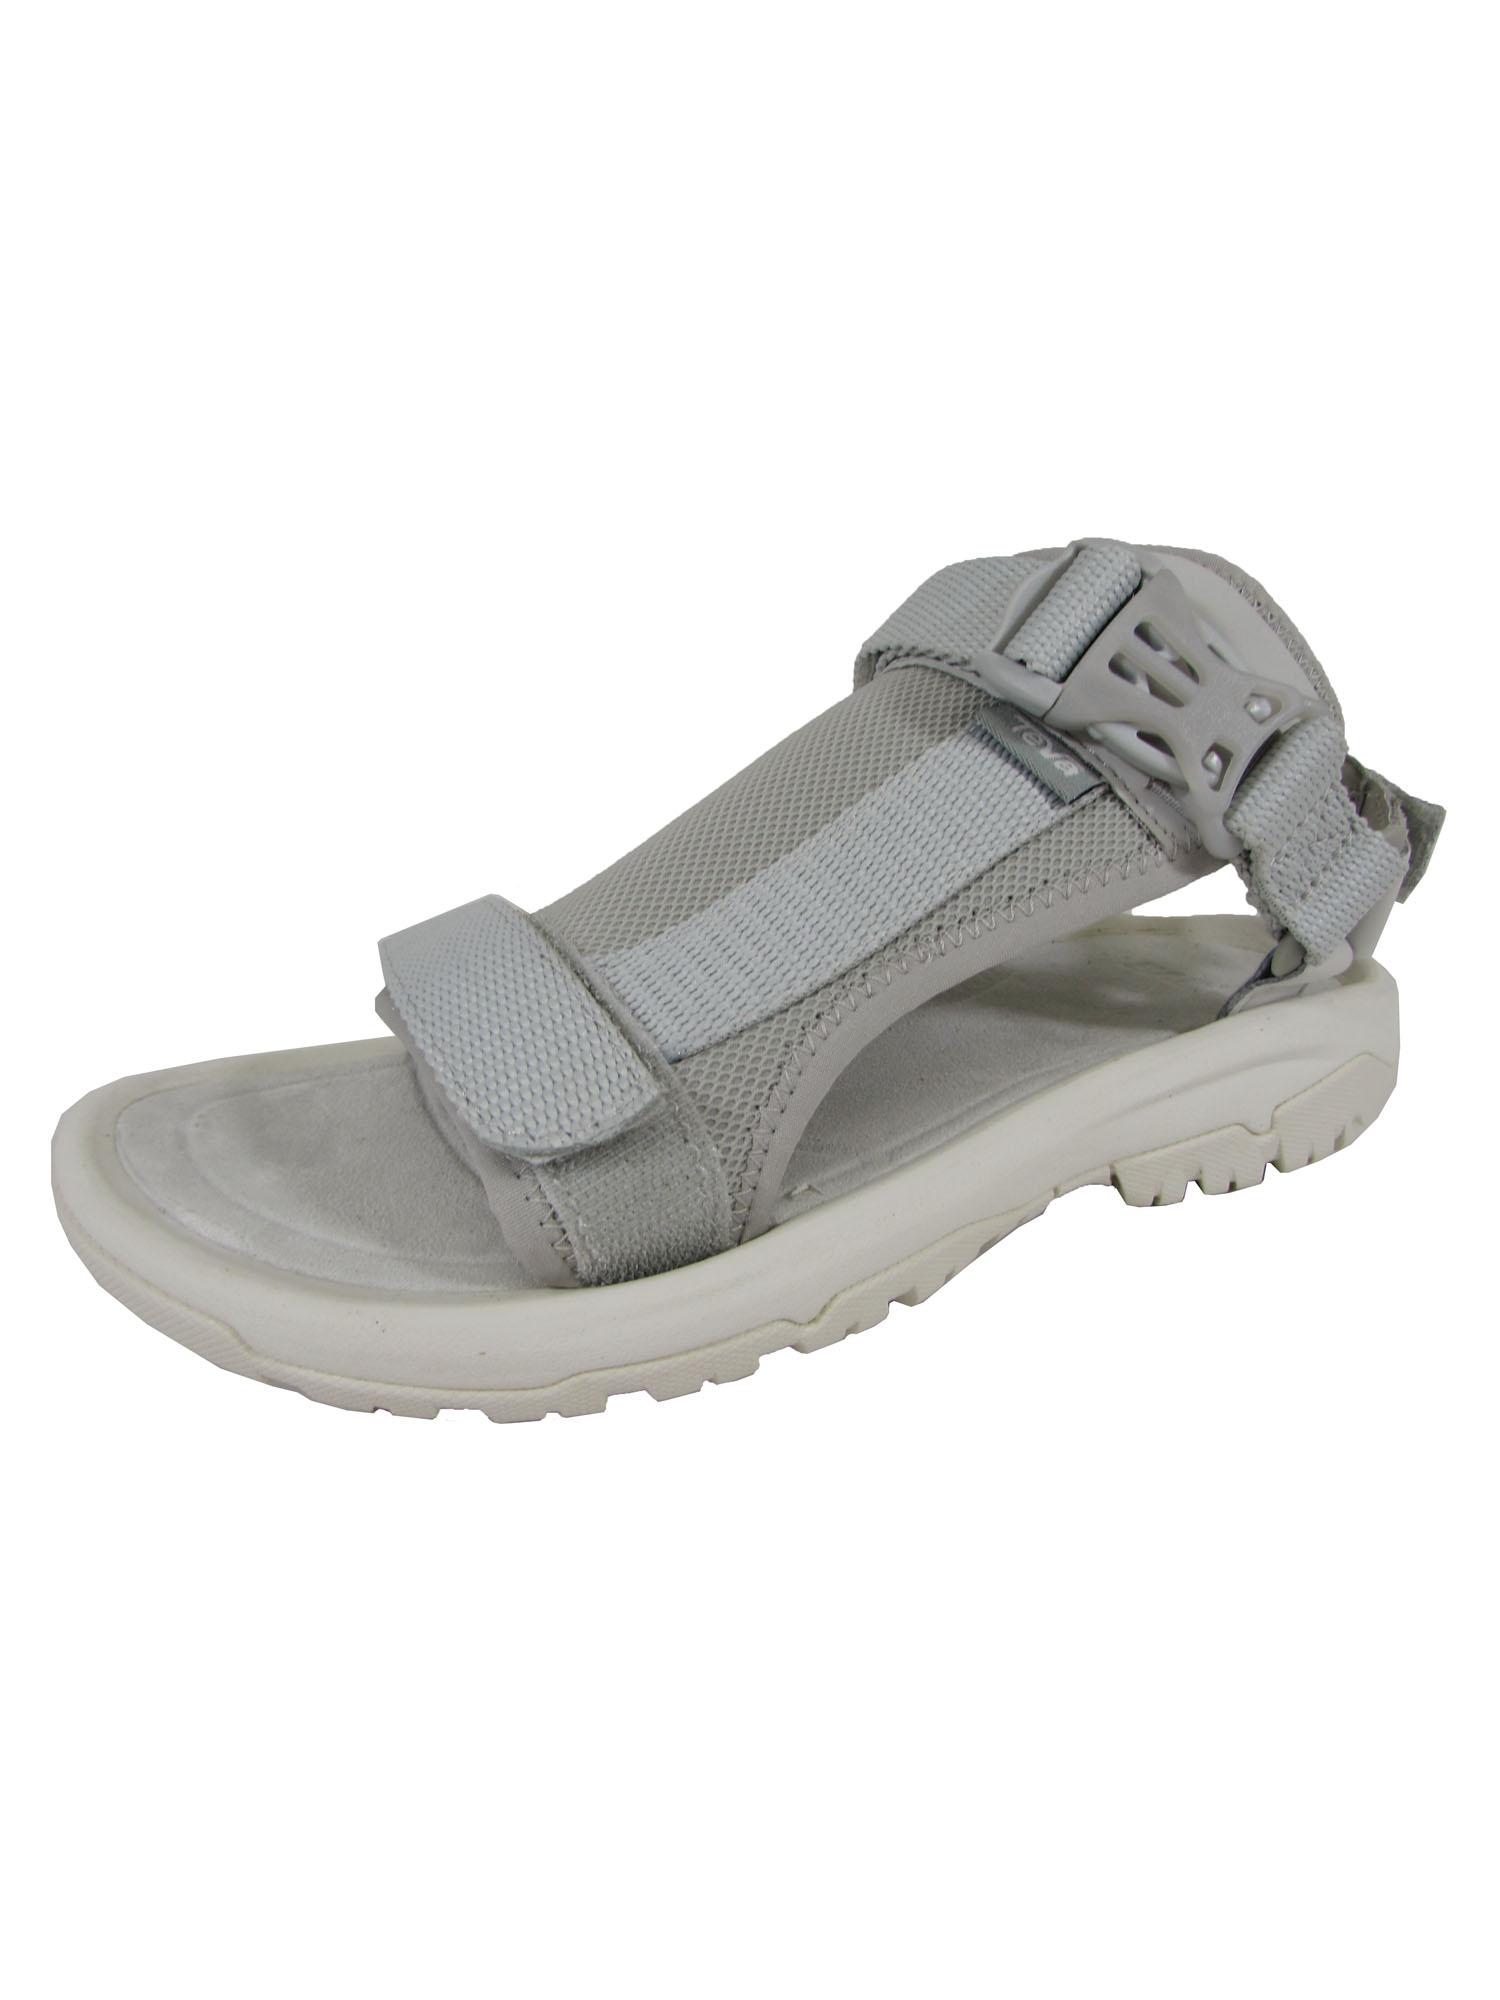 9f9906018d9a98 Women s Teva Hurricane Volt Sport Sandal 7 M Glacier Grey